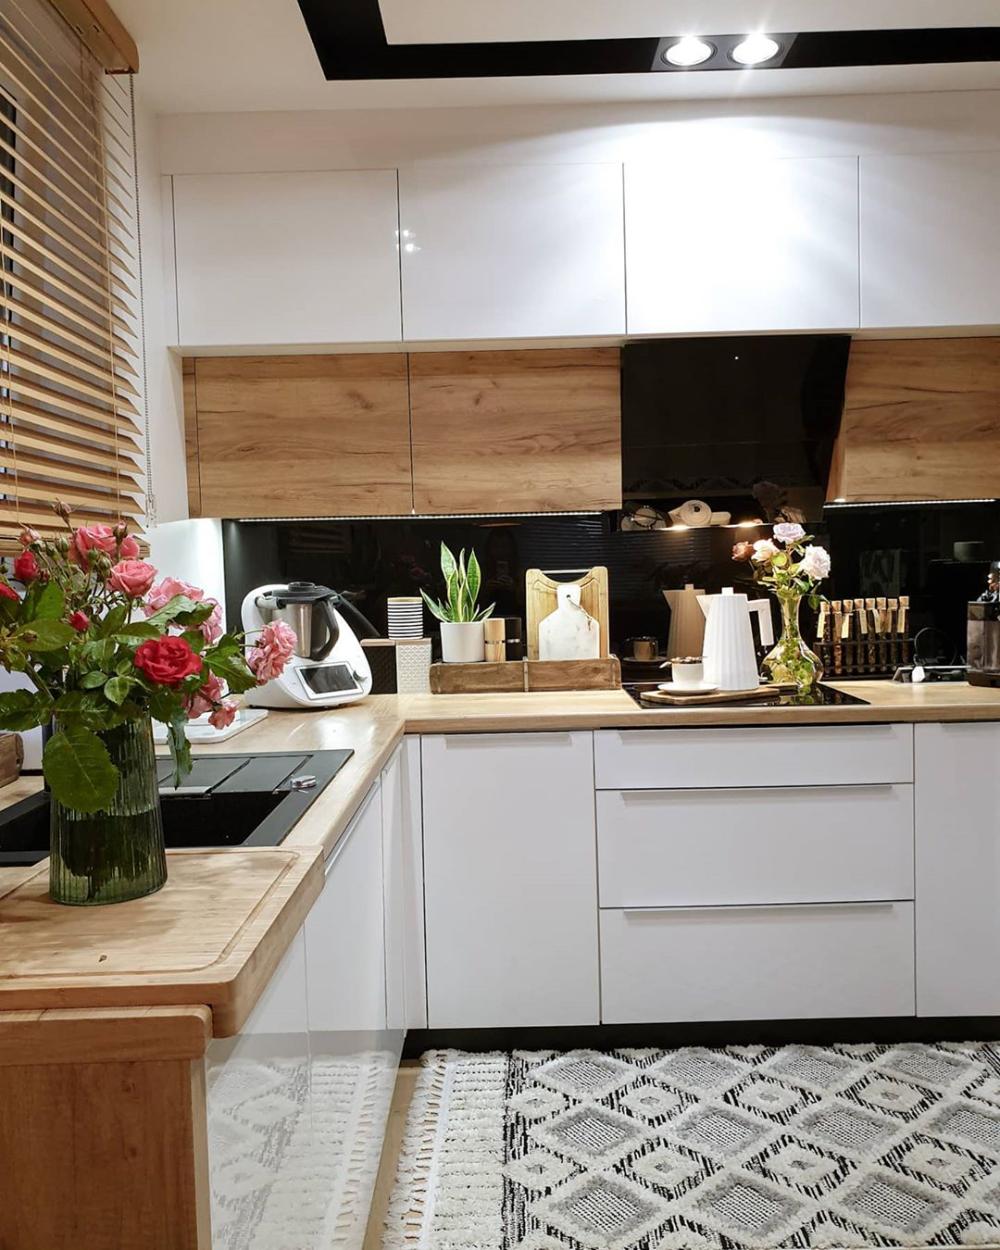 Fabryka Form Czajnik Elektryczny Plisse Alessi Kitchen Kitchen Cabinets Home